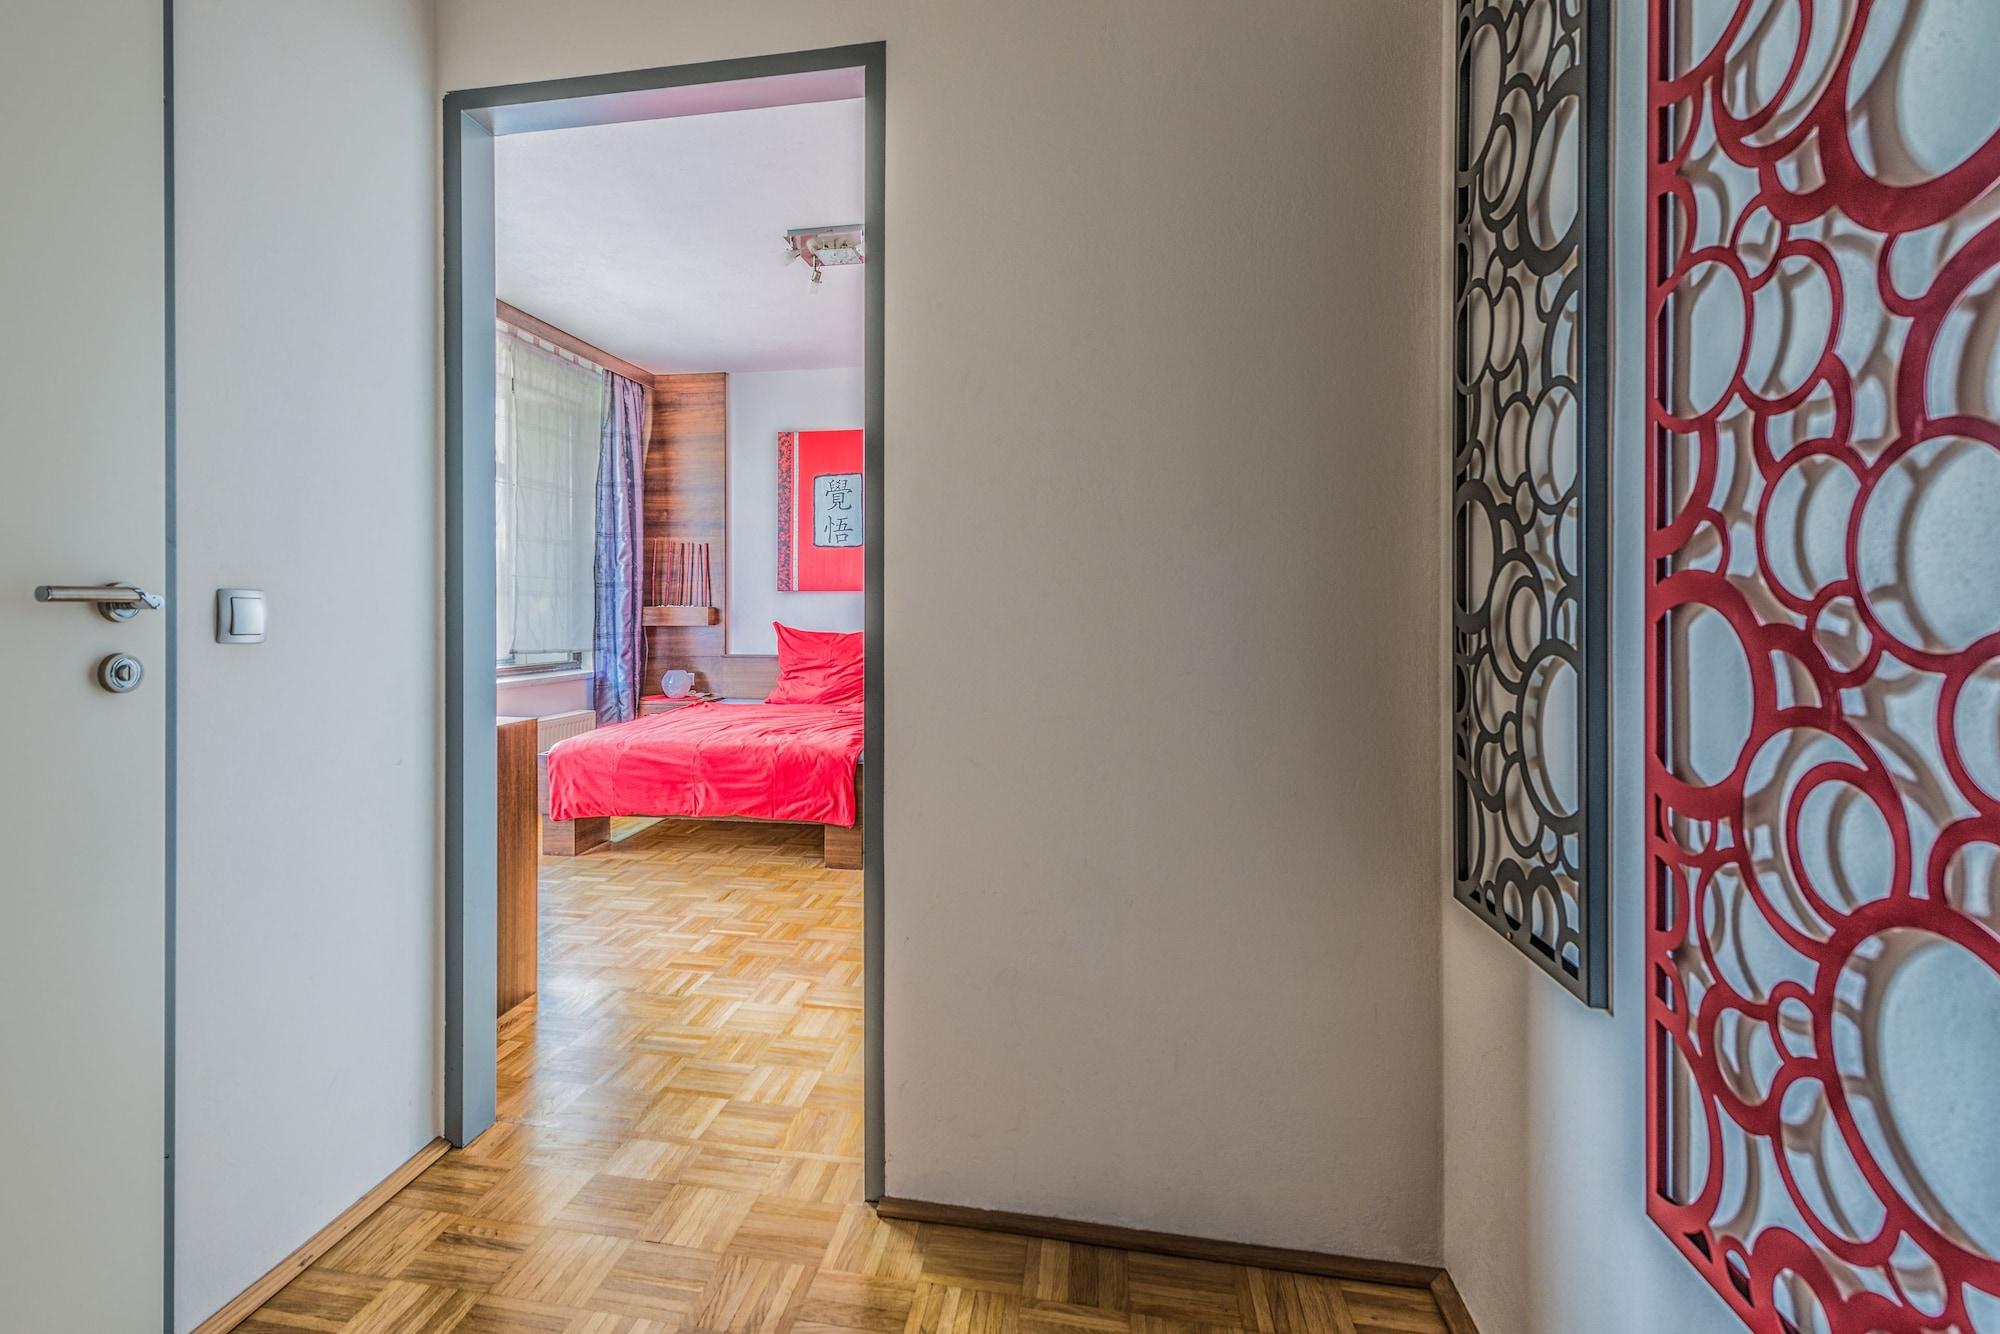 Art-Rooms-Gästezimer, Bruck-Mürzzuschlag